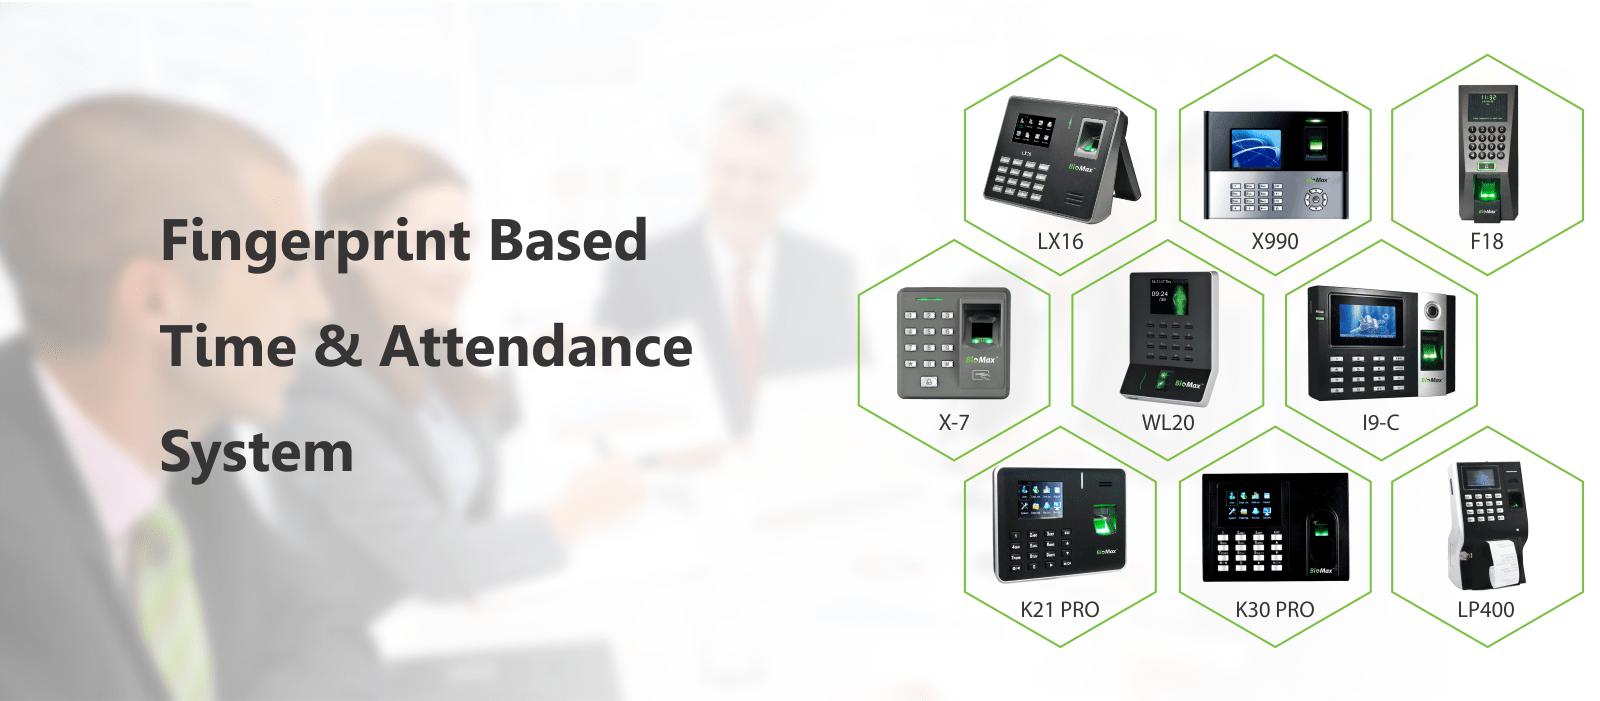 Fingerprint Based Time & Attendance System